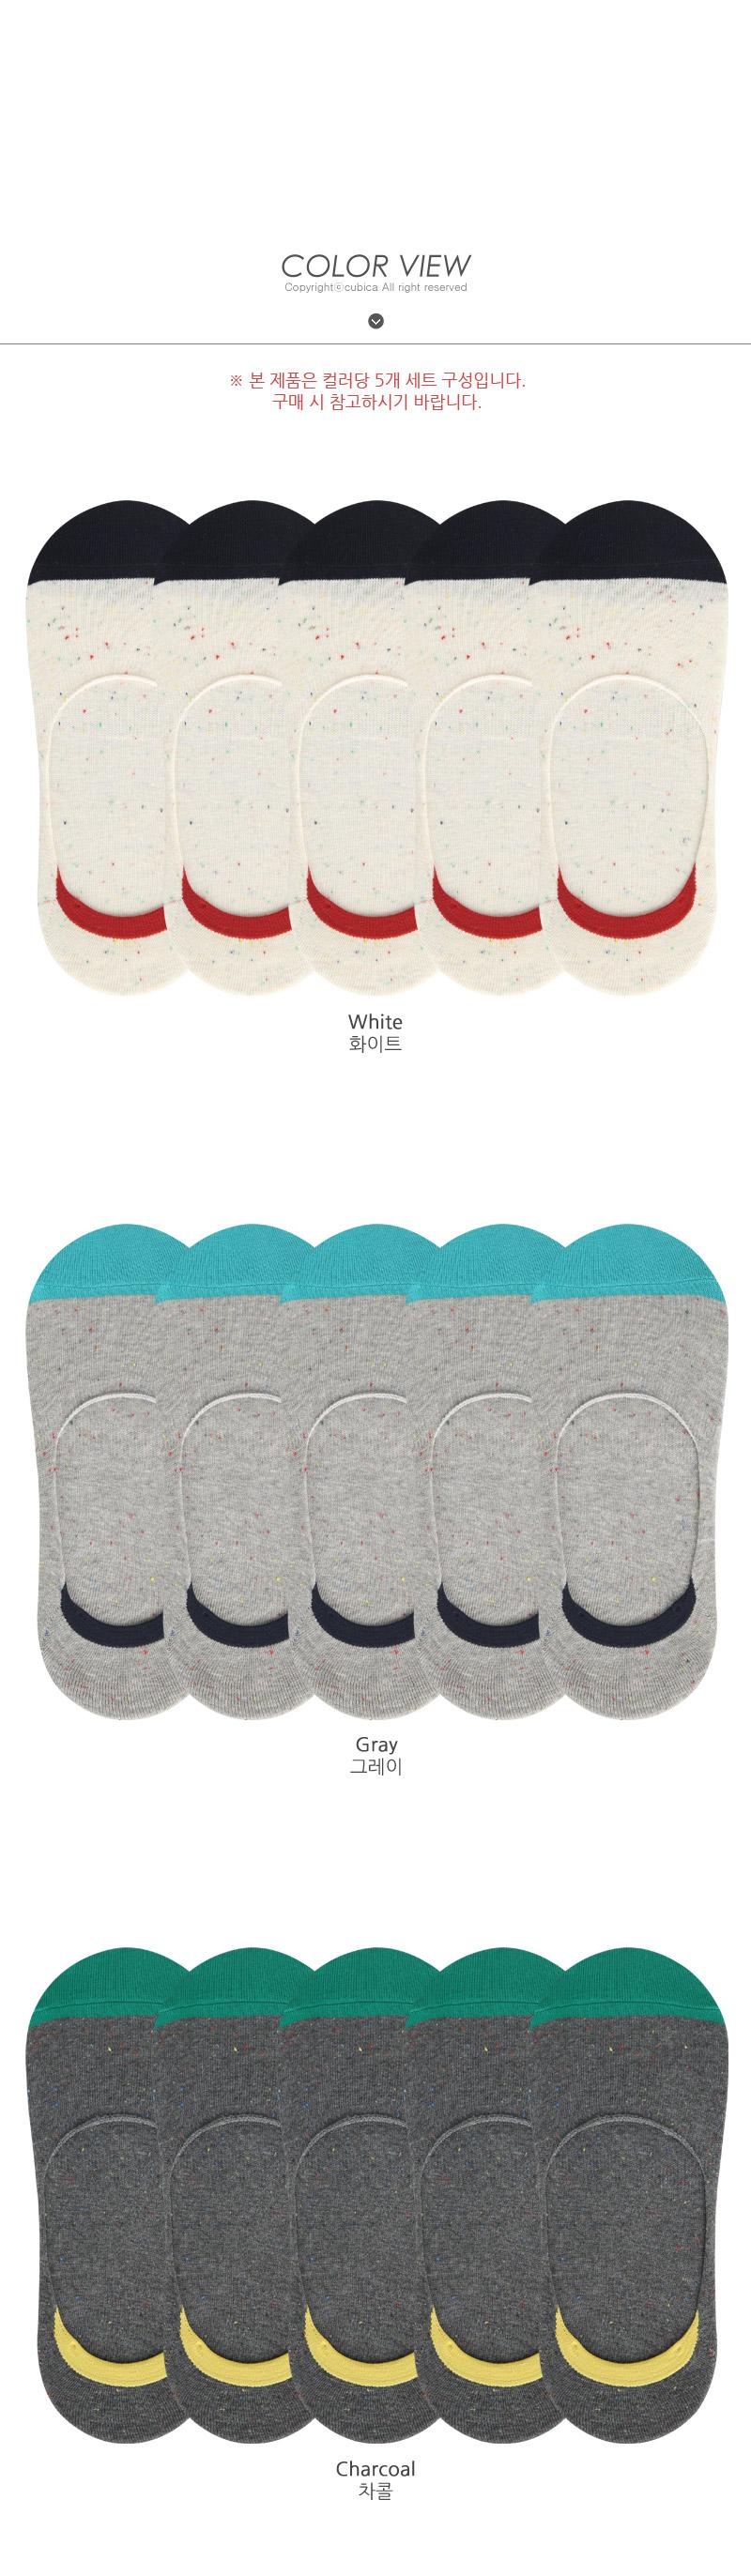 페이크삭스 배색실리콘 덧신 남성양말5족F120 - 쿠비카, 9,900원, 남성양말, 페이크삭스